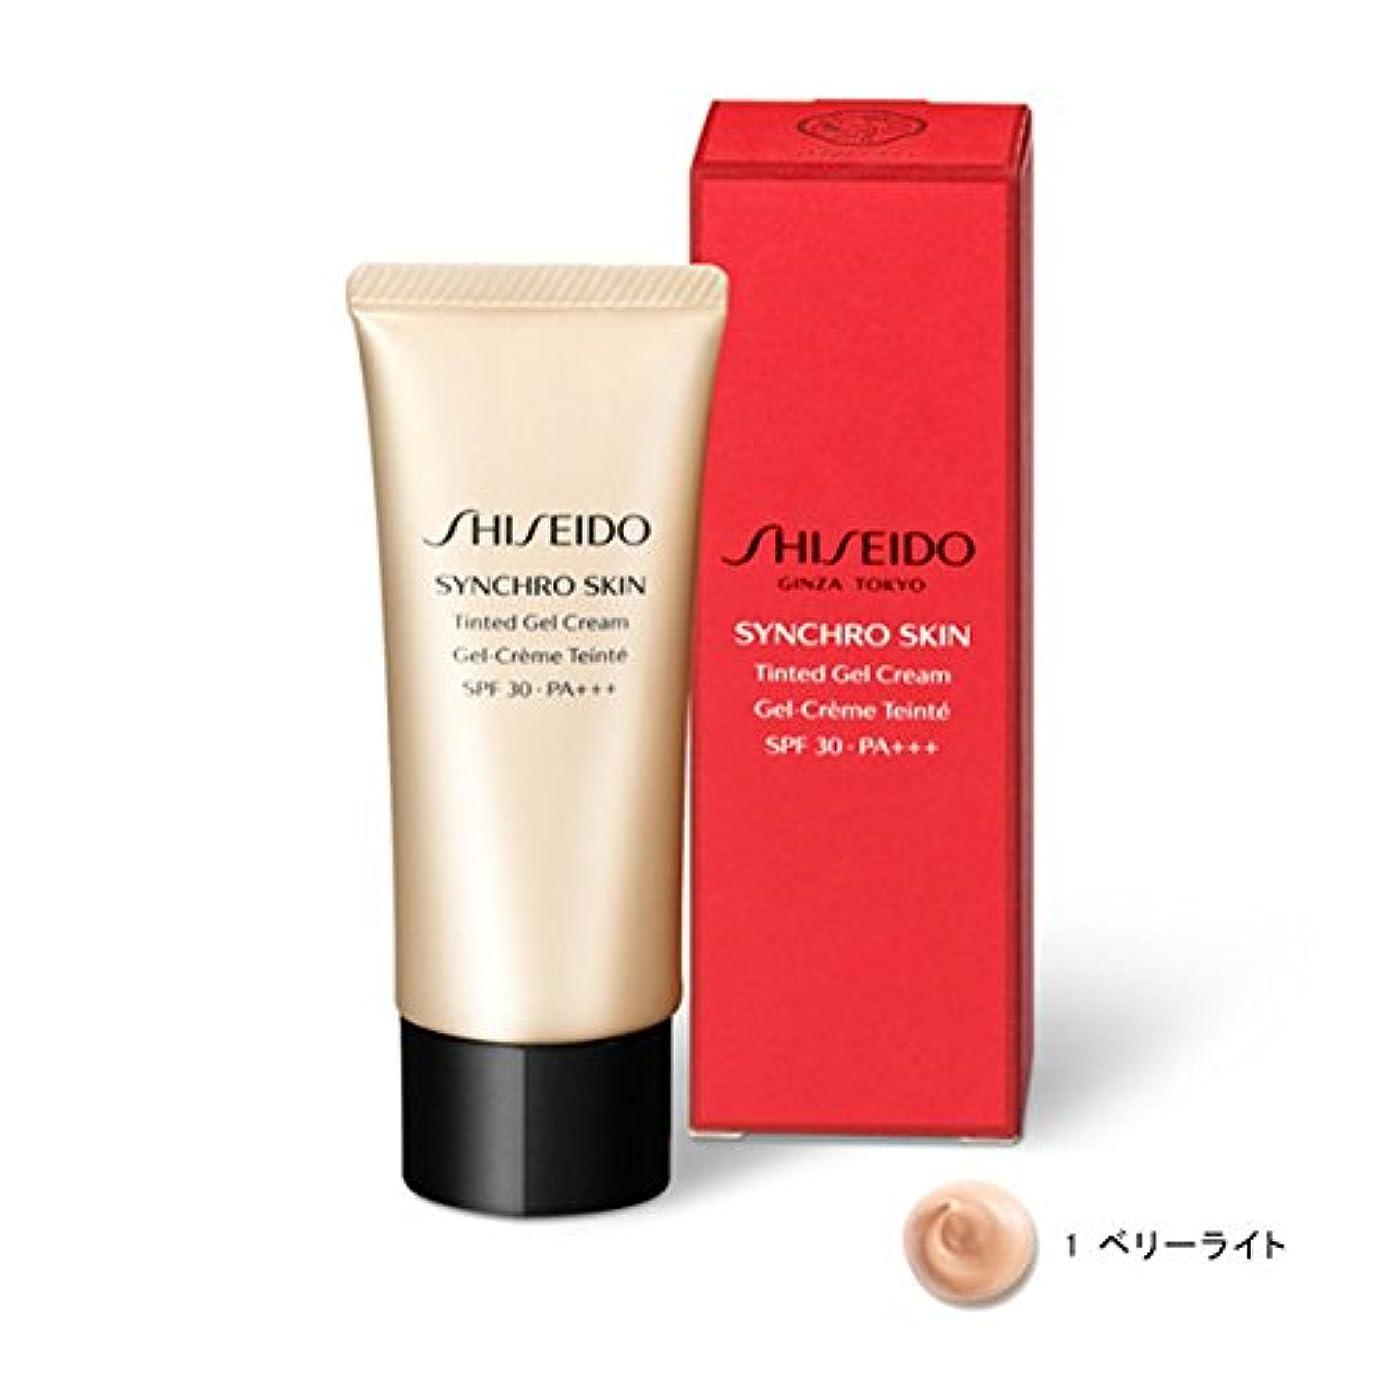 大工偽物農業SHISEIDO Makeup(資生堂 メーキャップ) SHISEIDO(資生堂) シンクロスキン ティンティッド ジェルクリーム (1 ベリーライト)